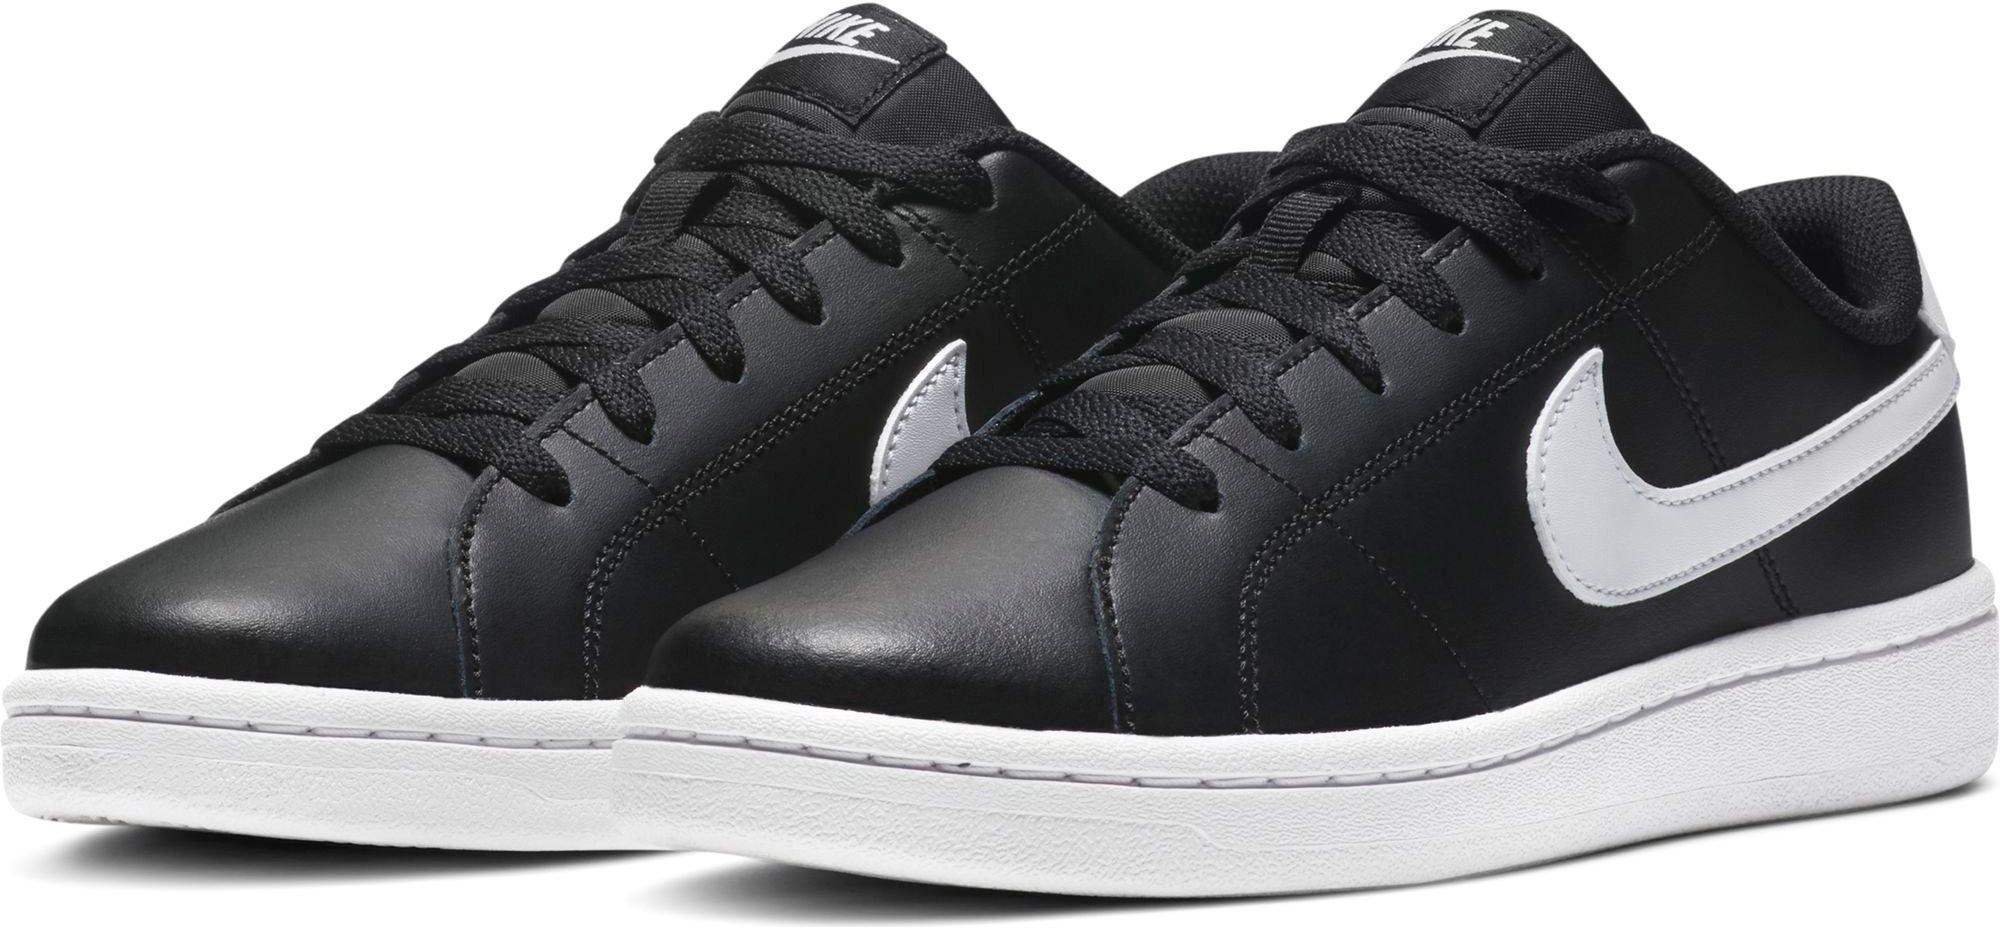 Nike Sportswear sneakers COURT ROYALE 2 veilig op otto.nl kopen